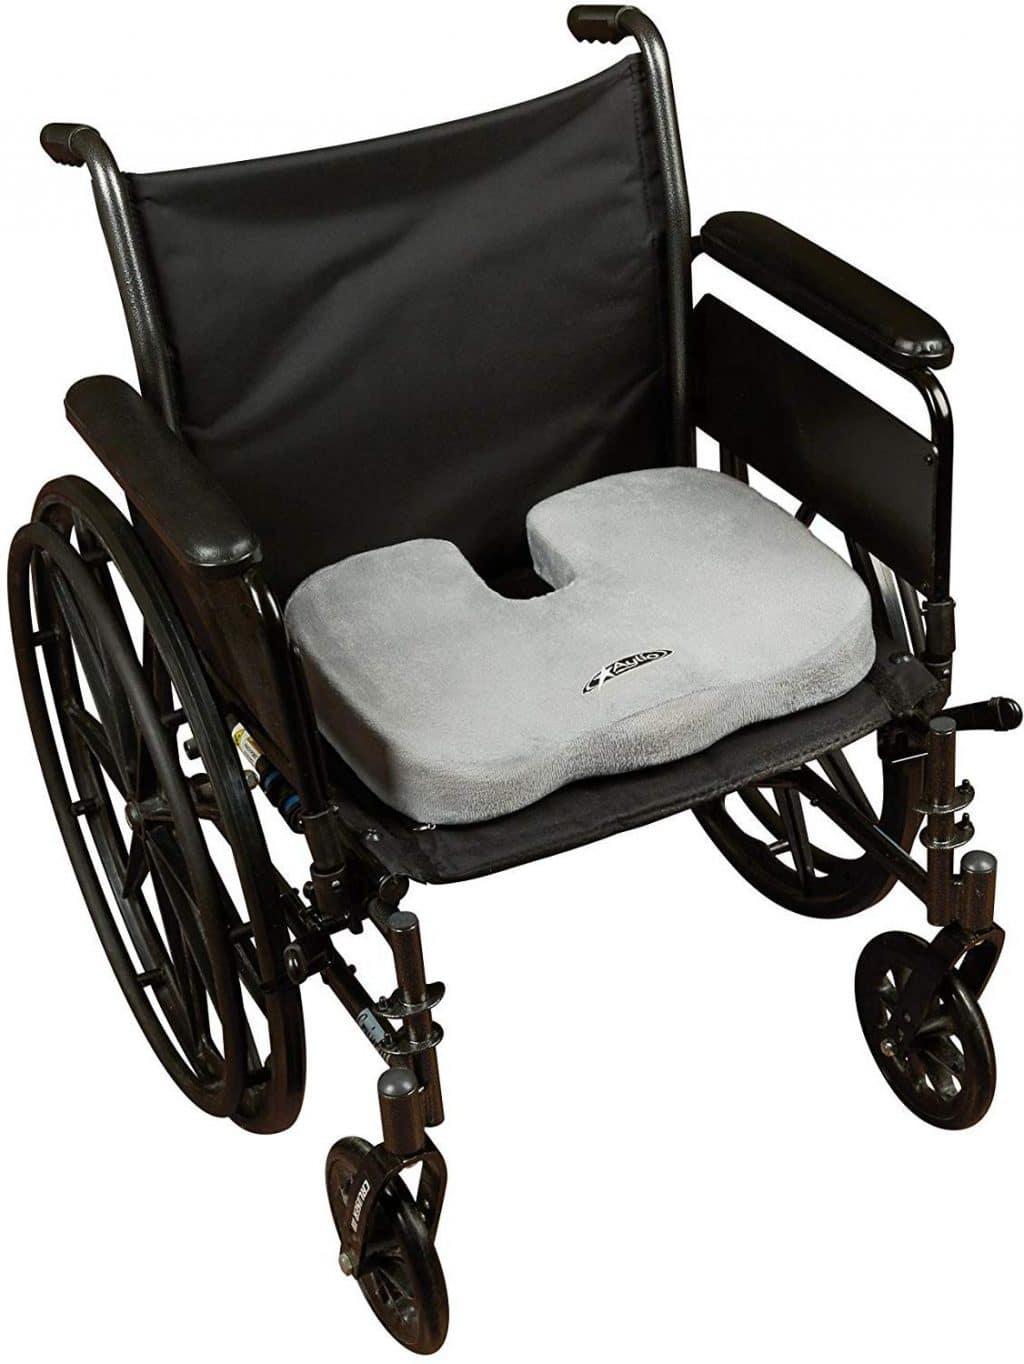 Aylio Orthopedic Seat Cushion